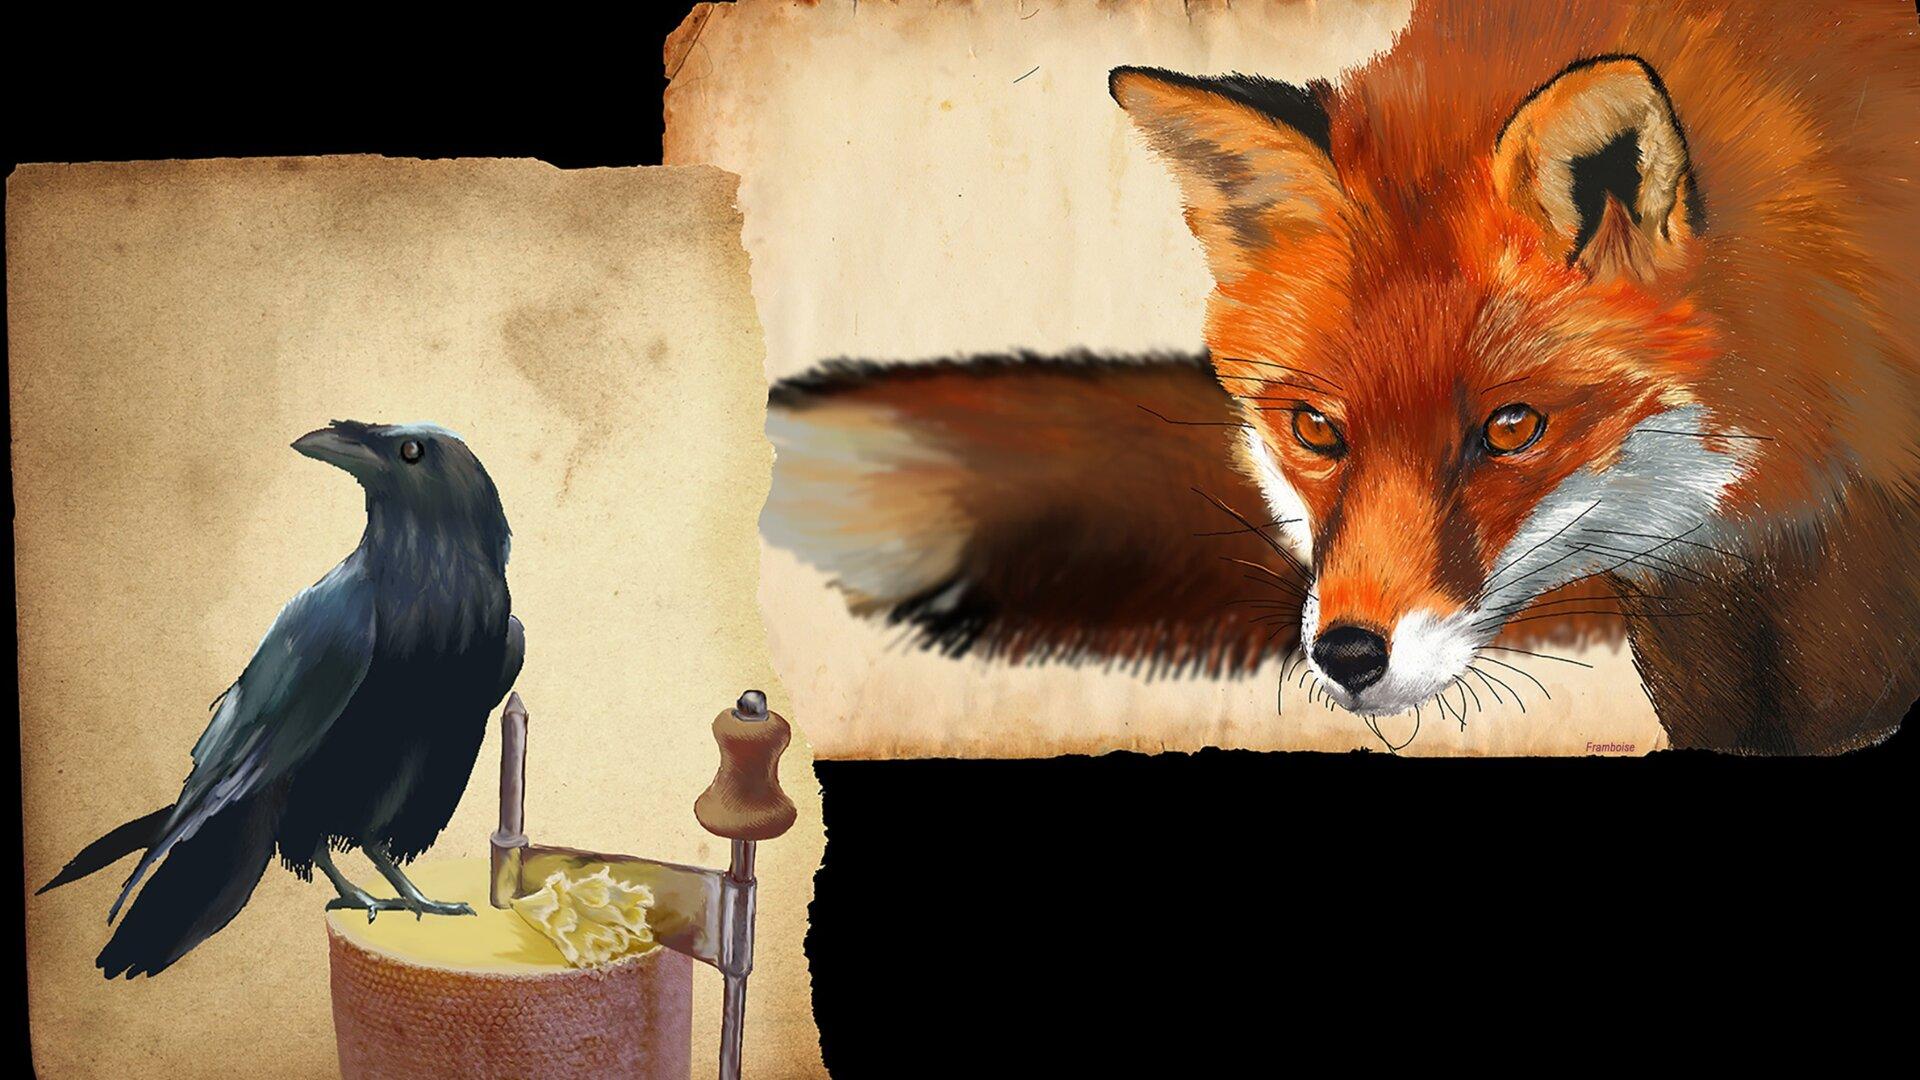 Ilustracja przedstawia zdjęcia kruka oraz lisa. Po lewej stronie grafiki znajduje się kruk, który ma głowę odchyloną wswoją prawą stronę, więc widać jego lewy profil. Prawa strona grafiki przedstawia lisa – jego głowę, fragment tułowia iogon. Jego spojrzenie sugeruje, że jest bardzo skupiony.